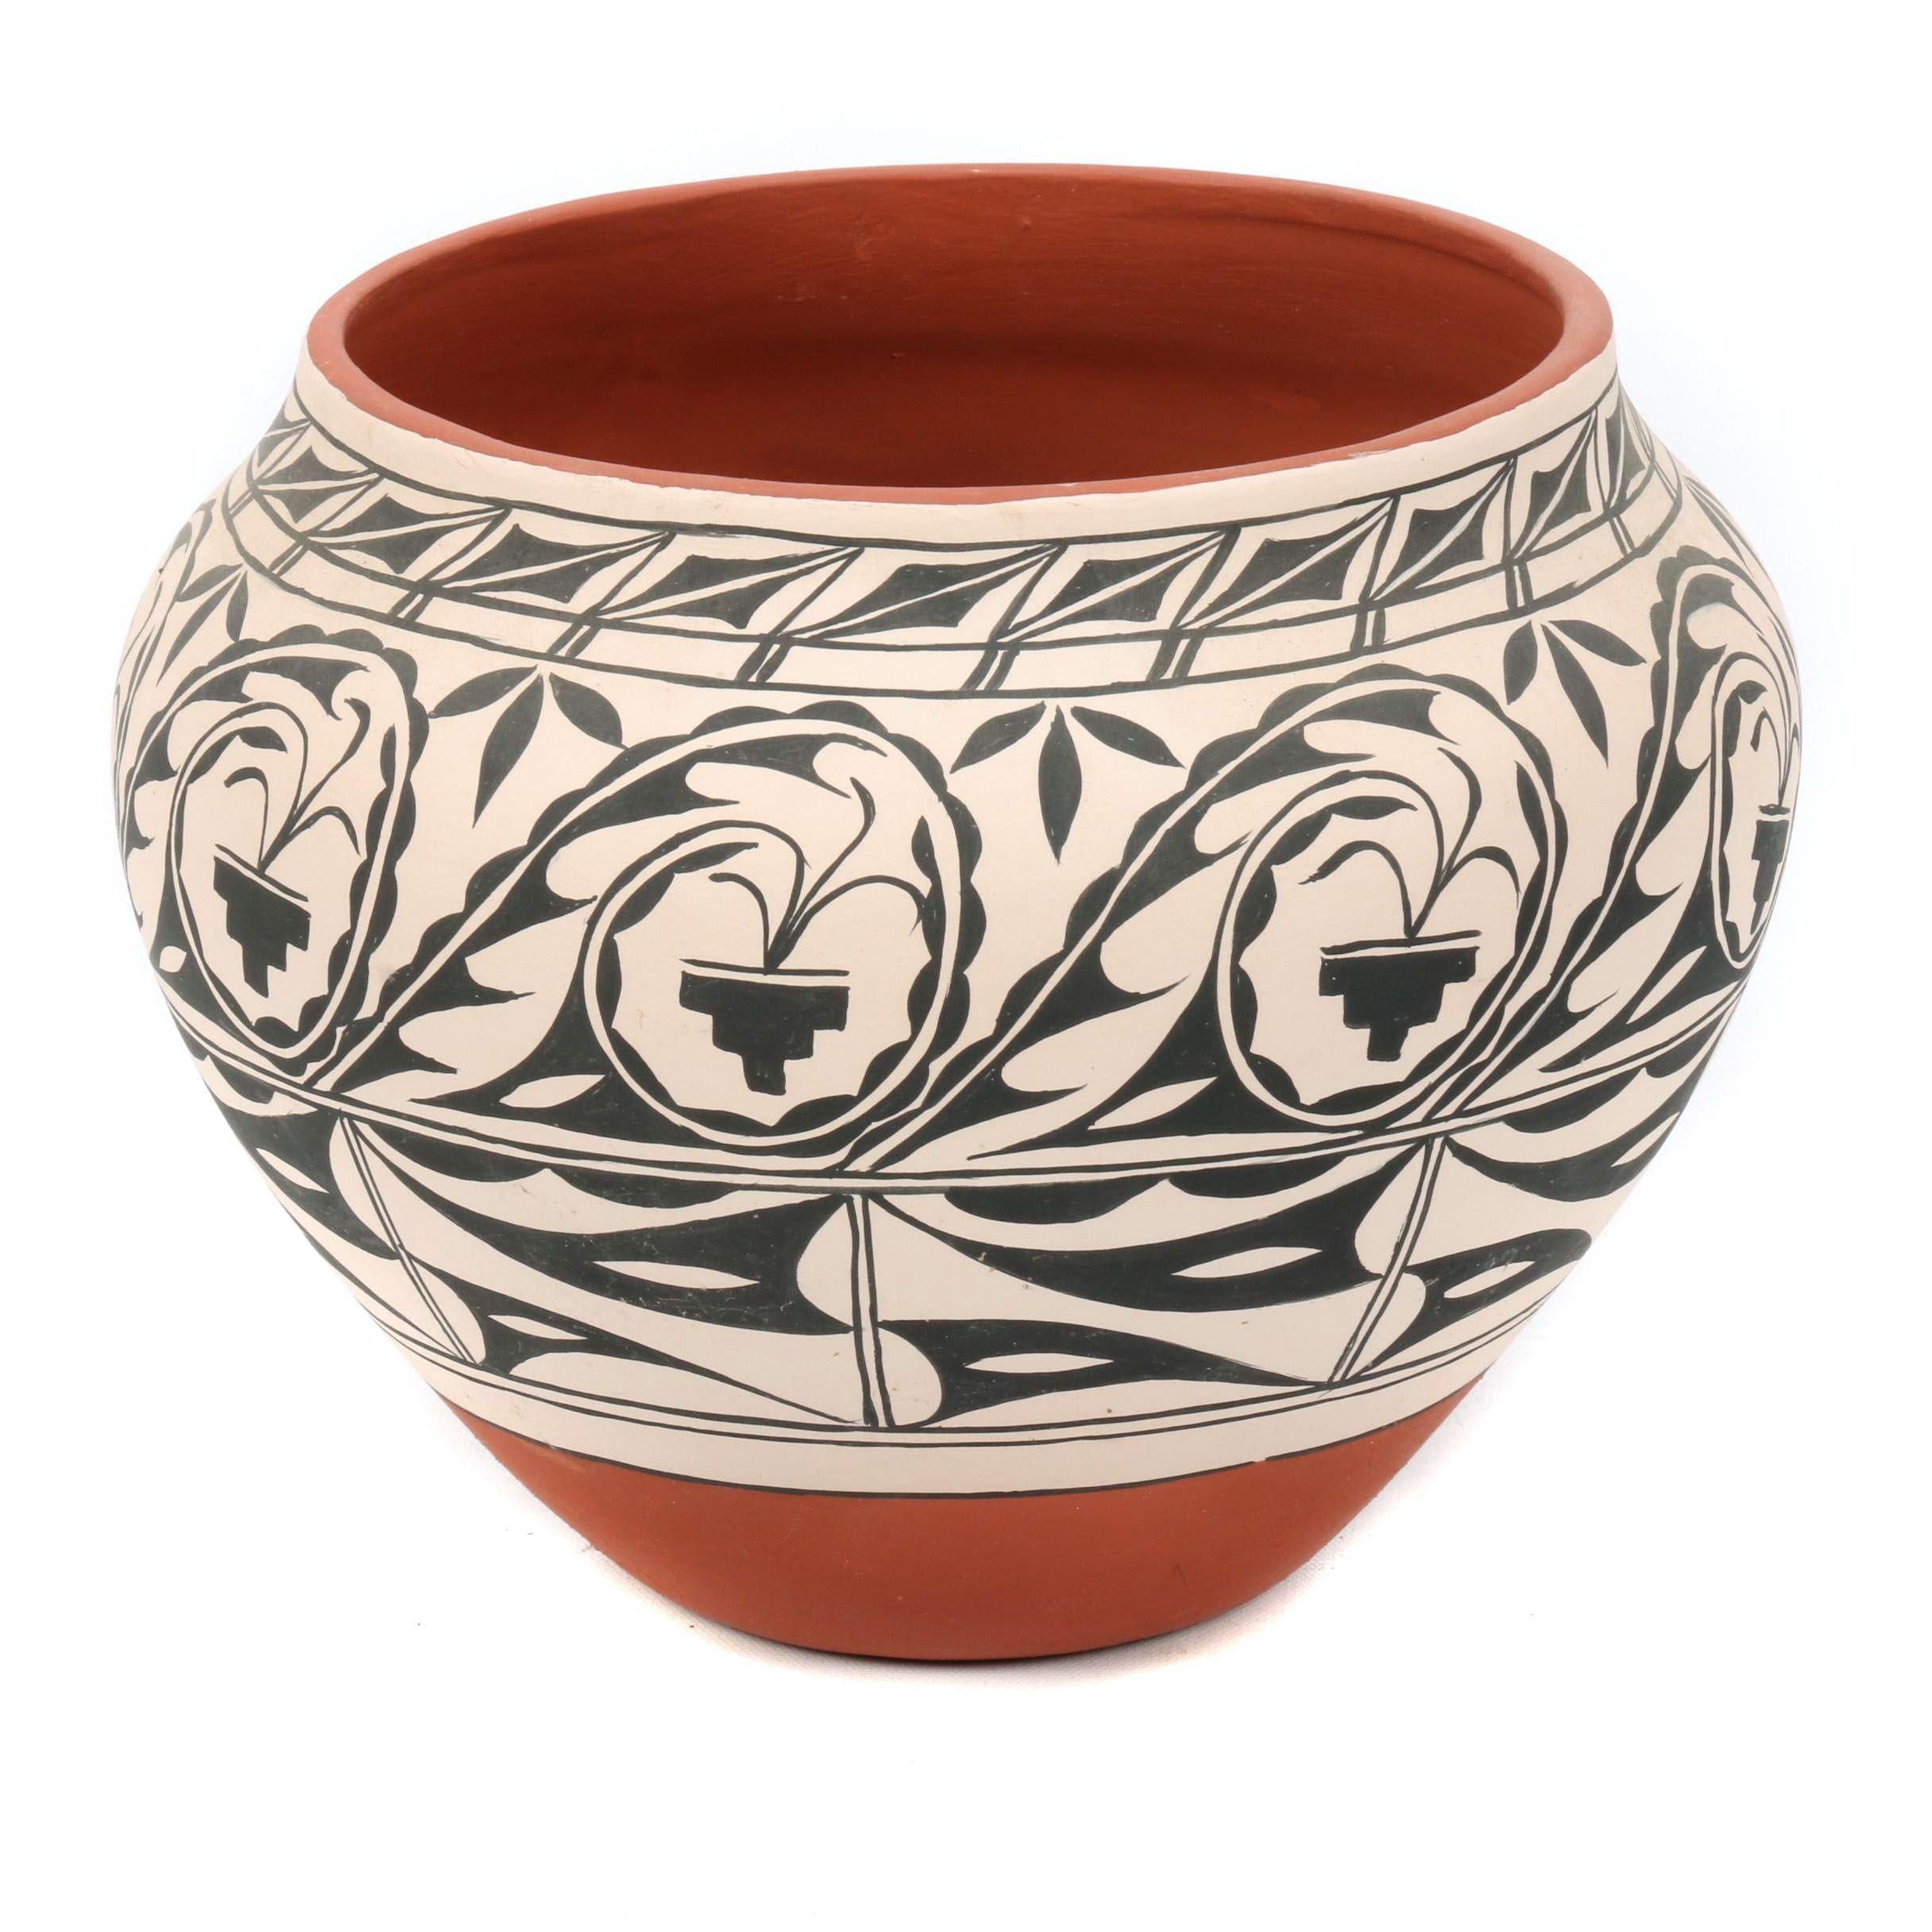 Josie Hand Cochiti Pueblo Polychrome Art Pottery Vase